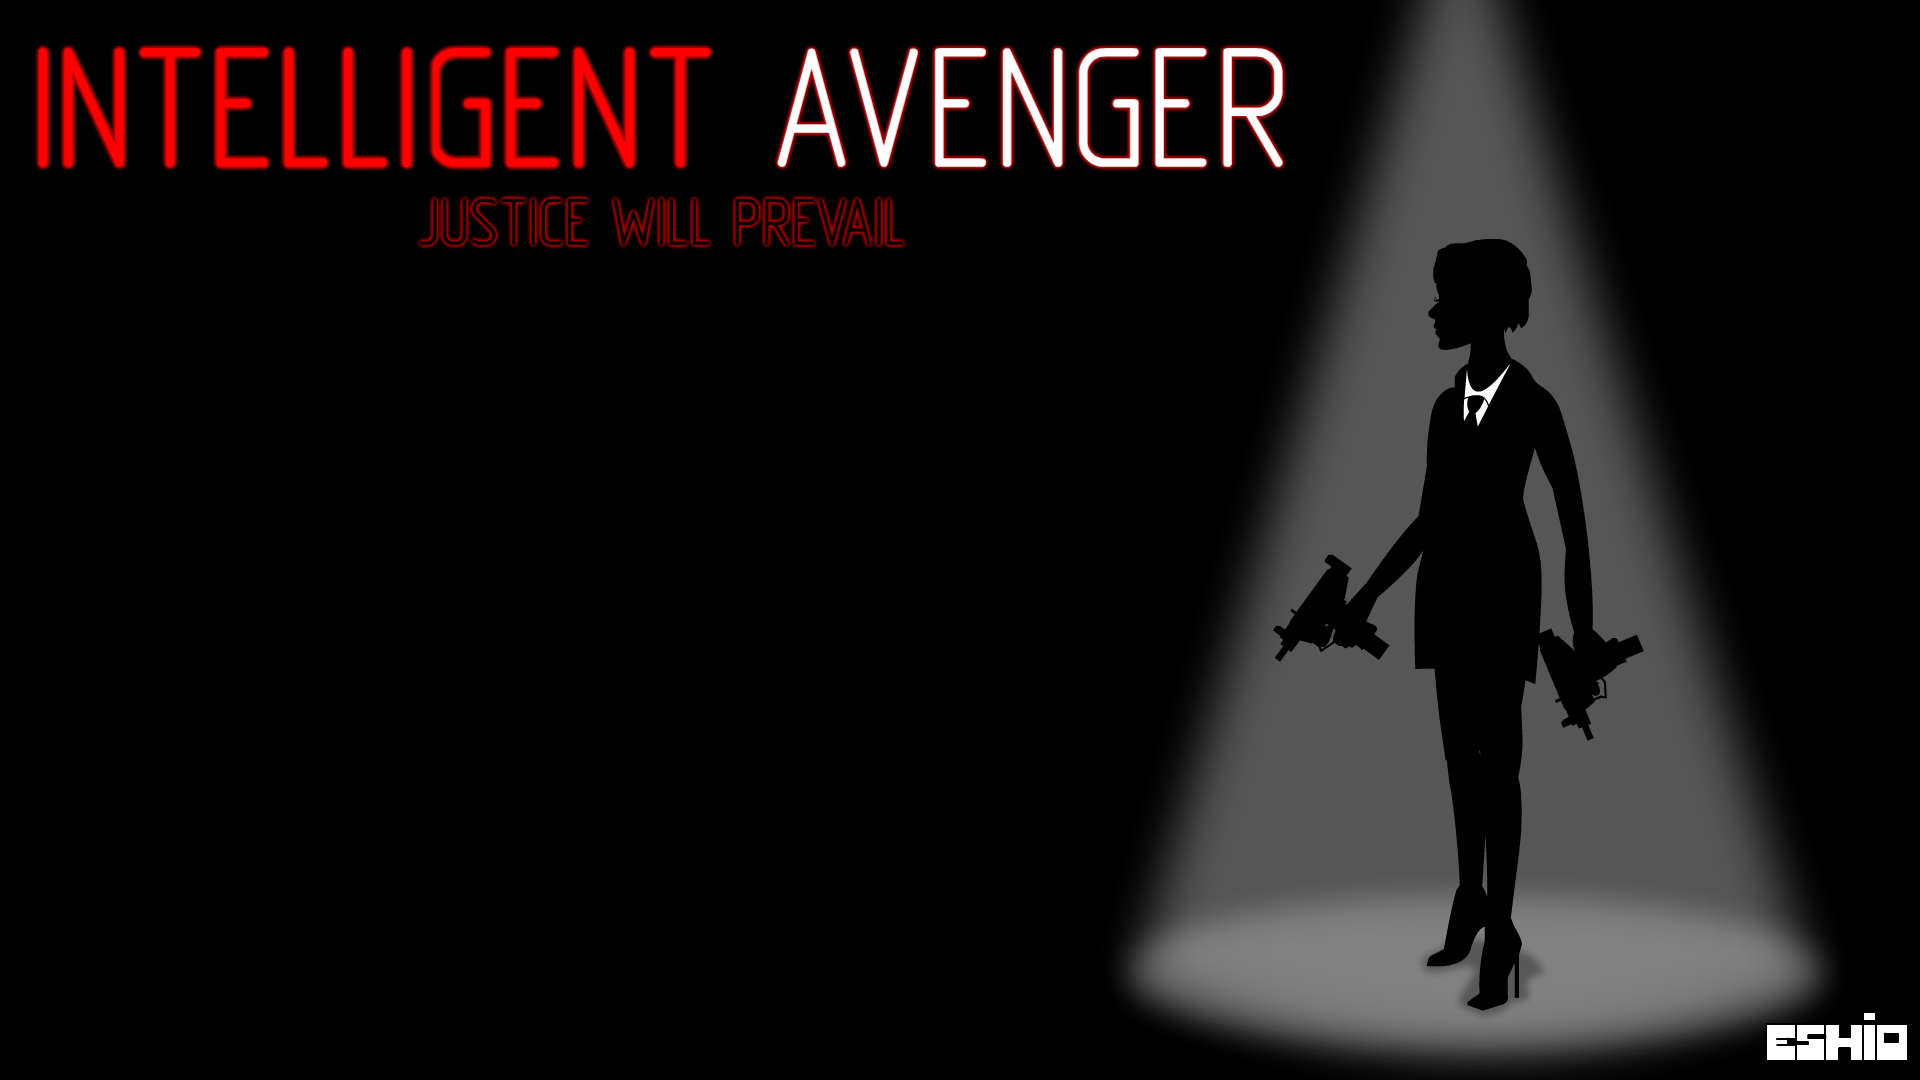 Intelligent Avenger Poster3